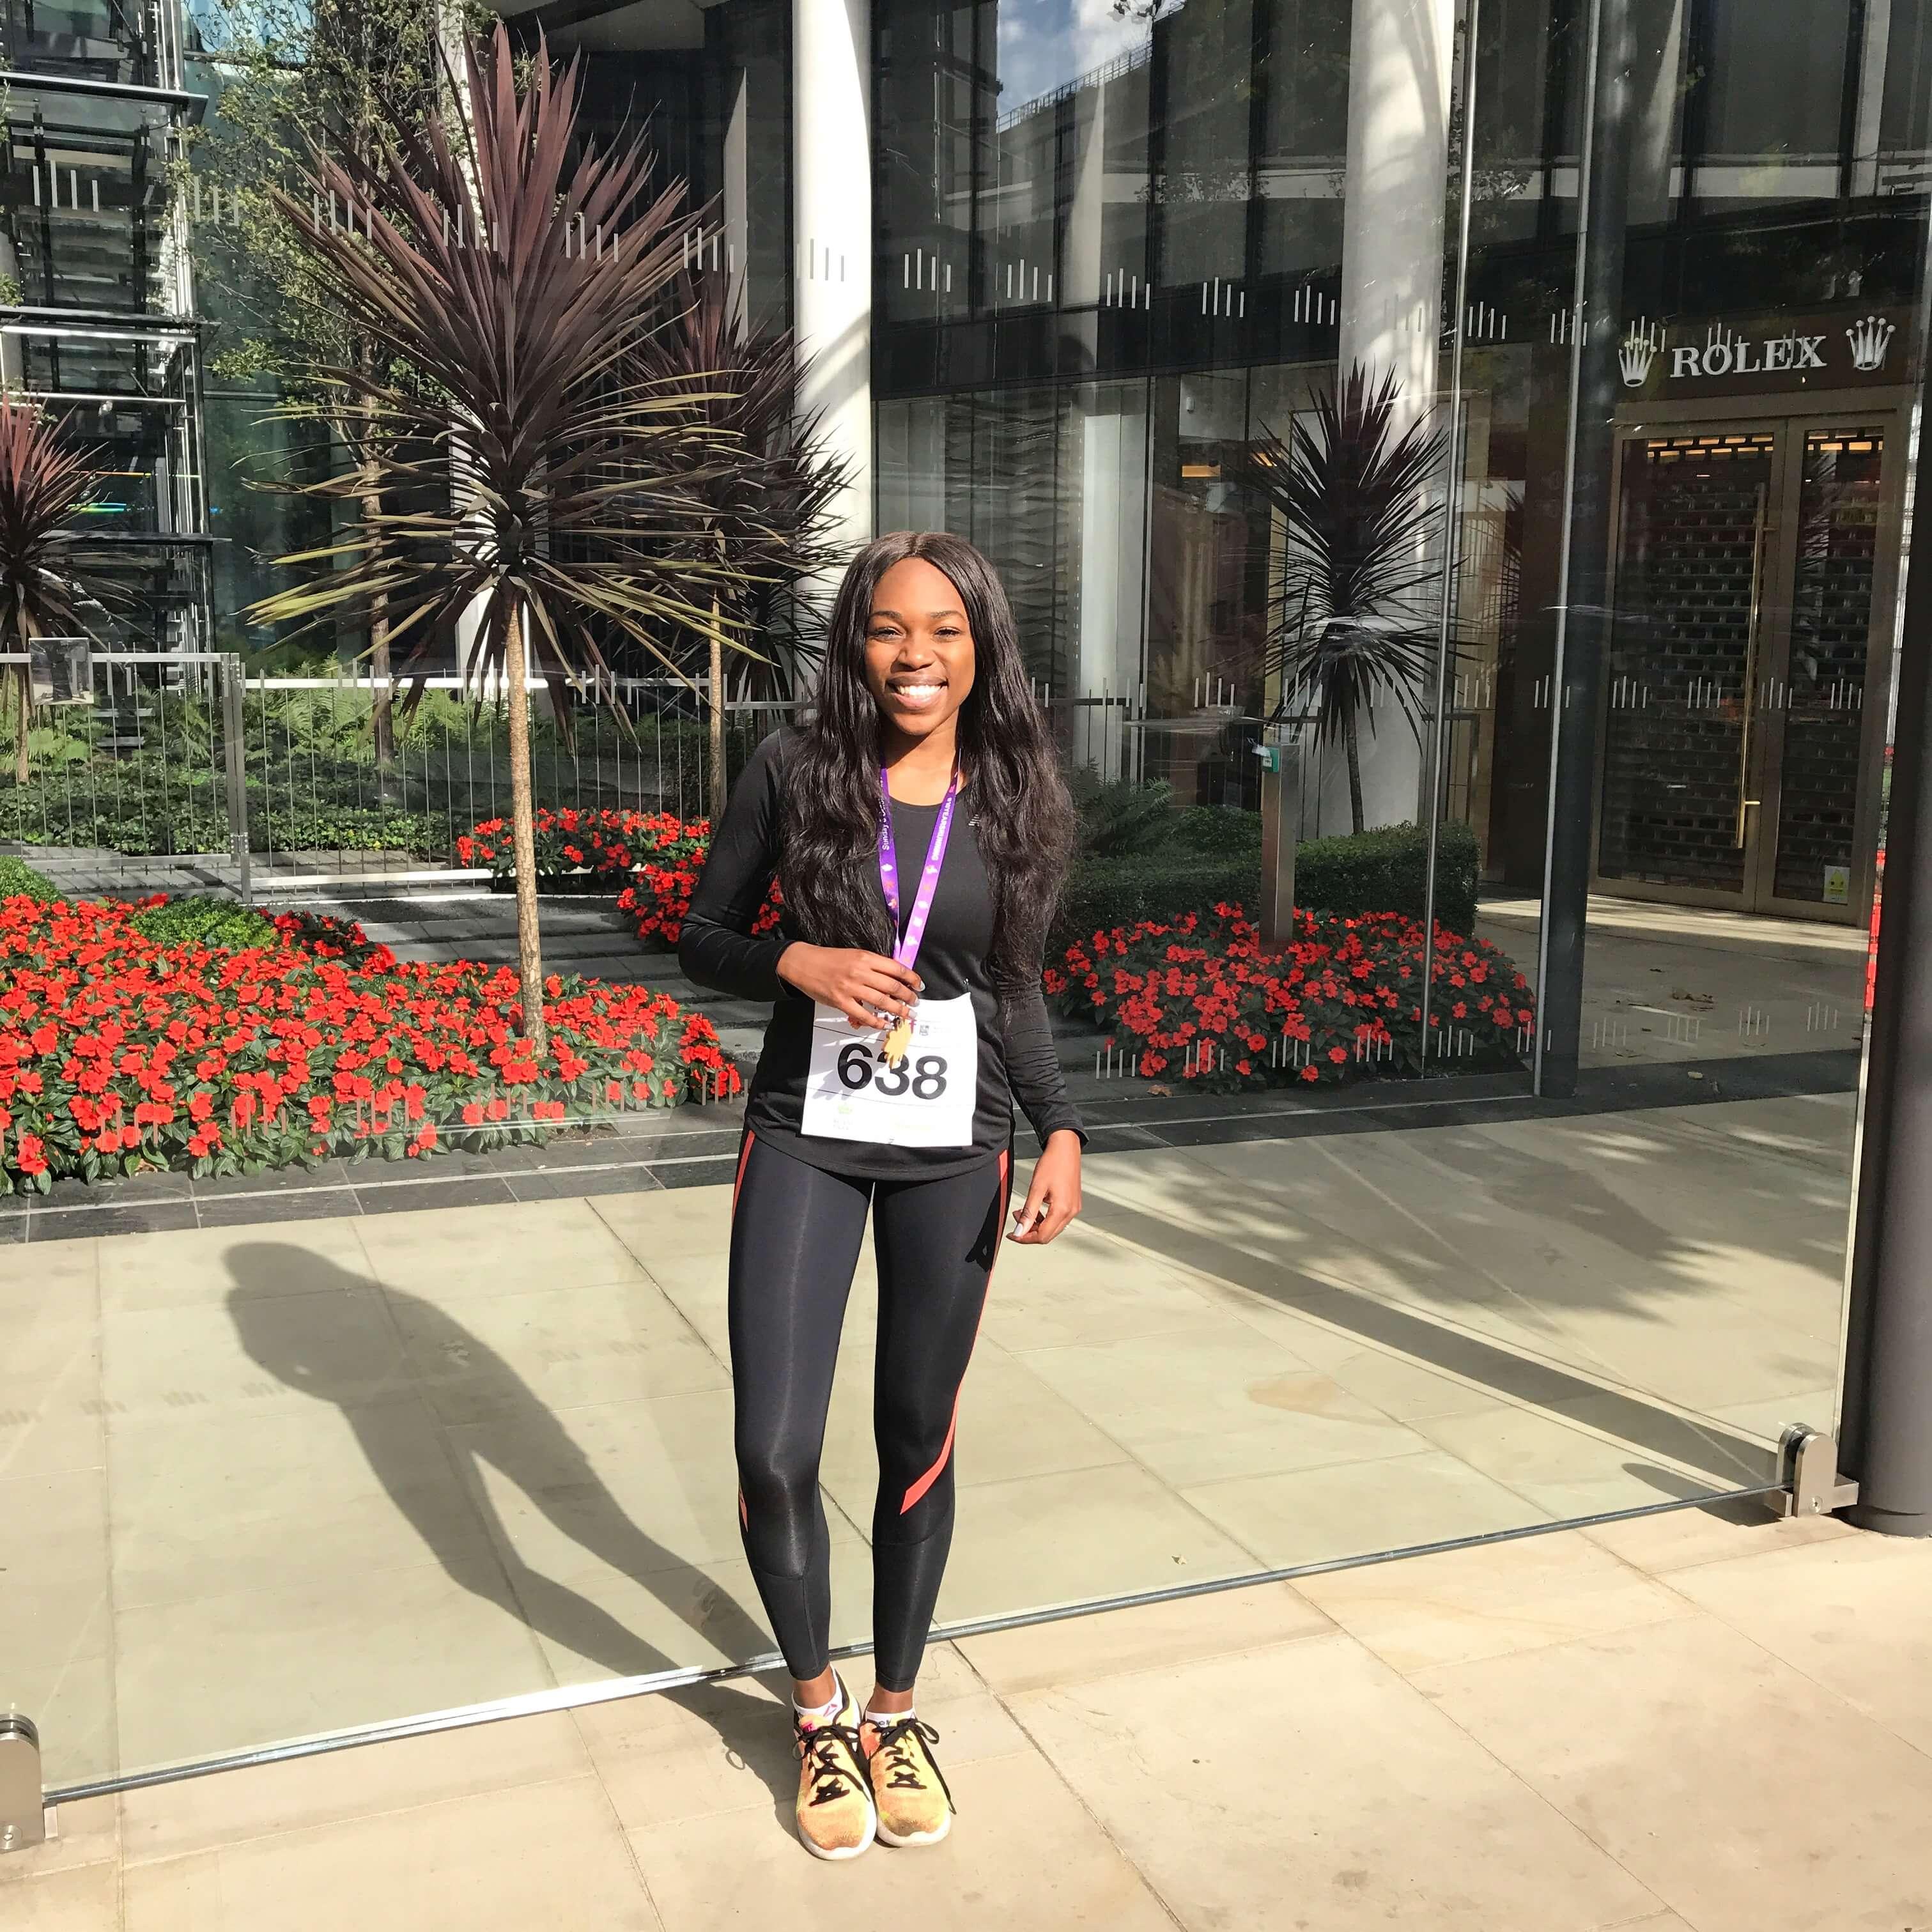 Tashi Skervin-Clarke at Royal Parks Half Marathon 2017